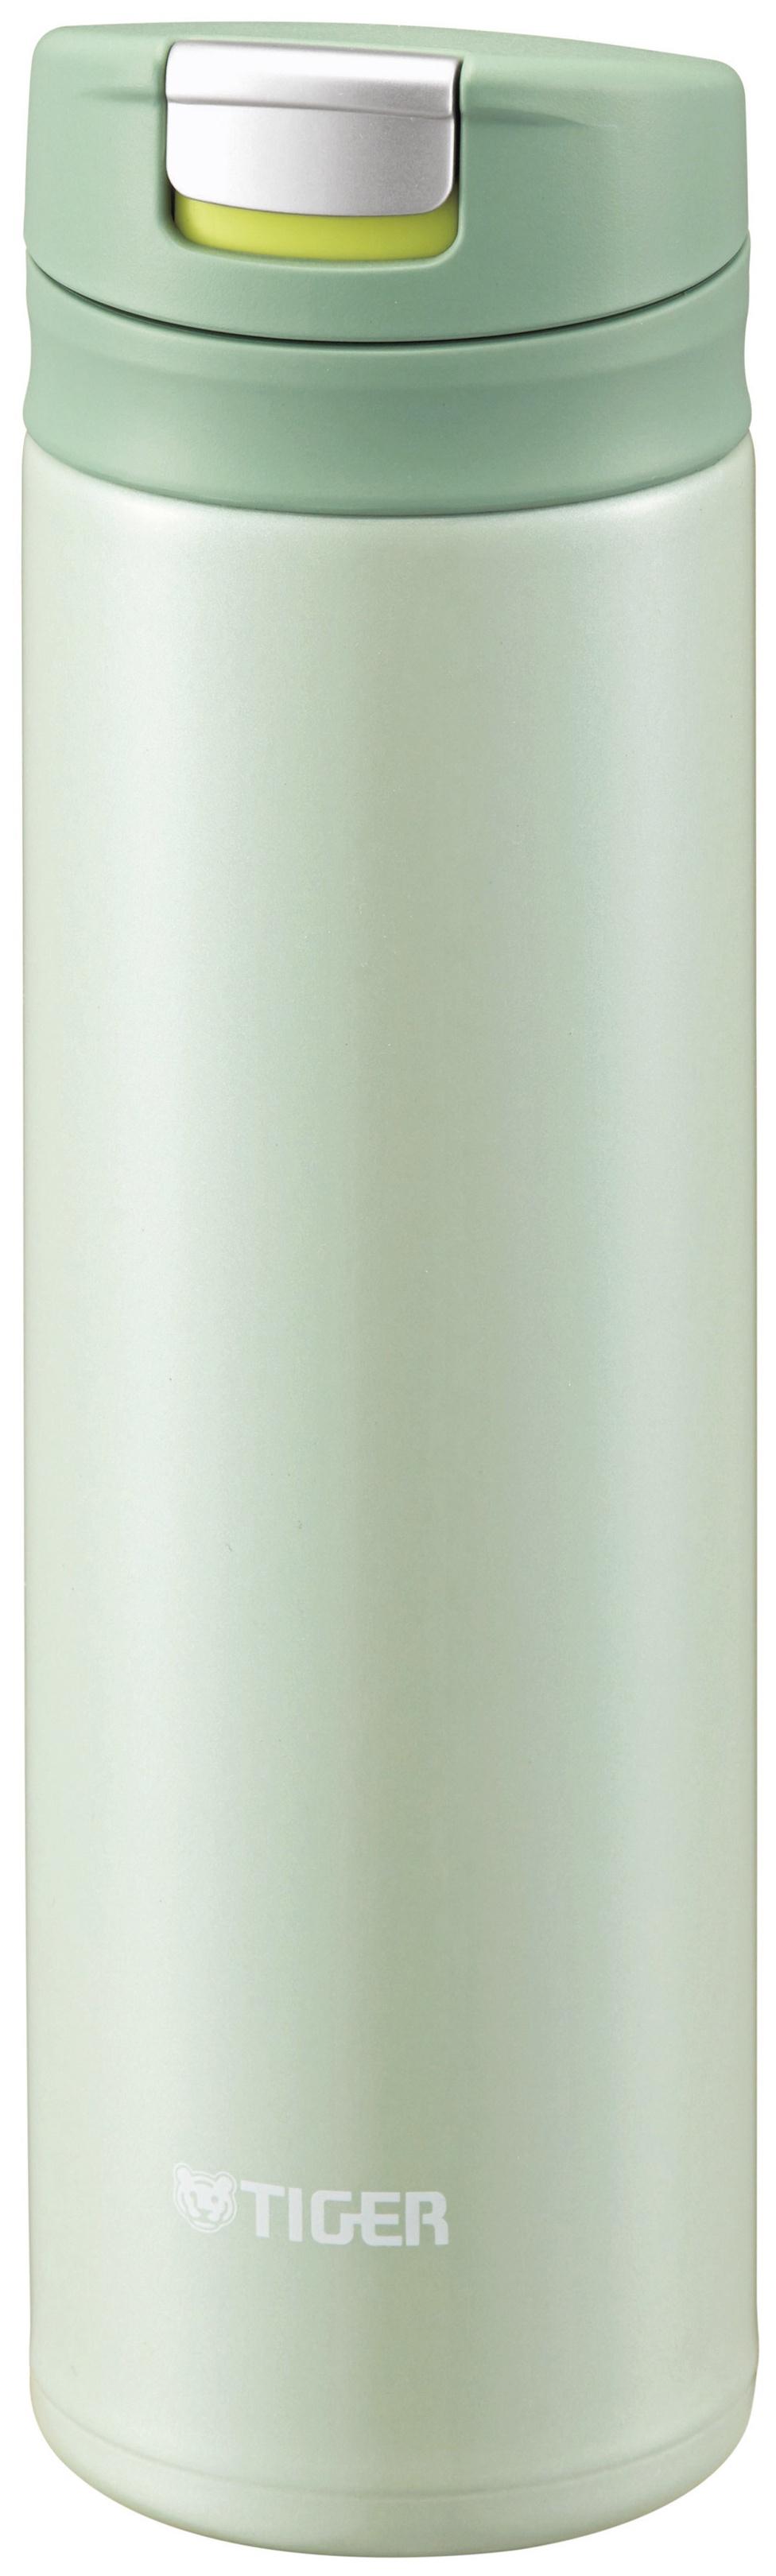 Термокружка Tiger MMX-A030 GM, мятно-зеленый, 300 мл